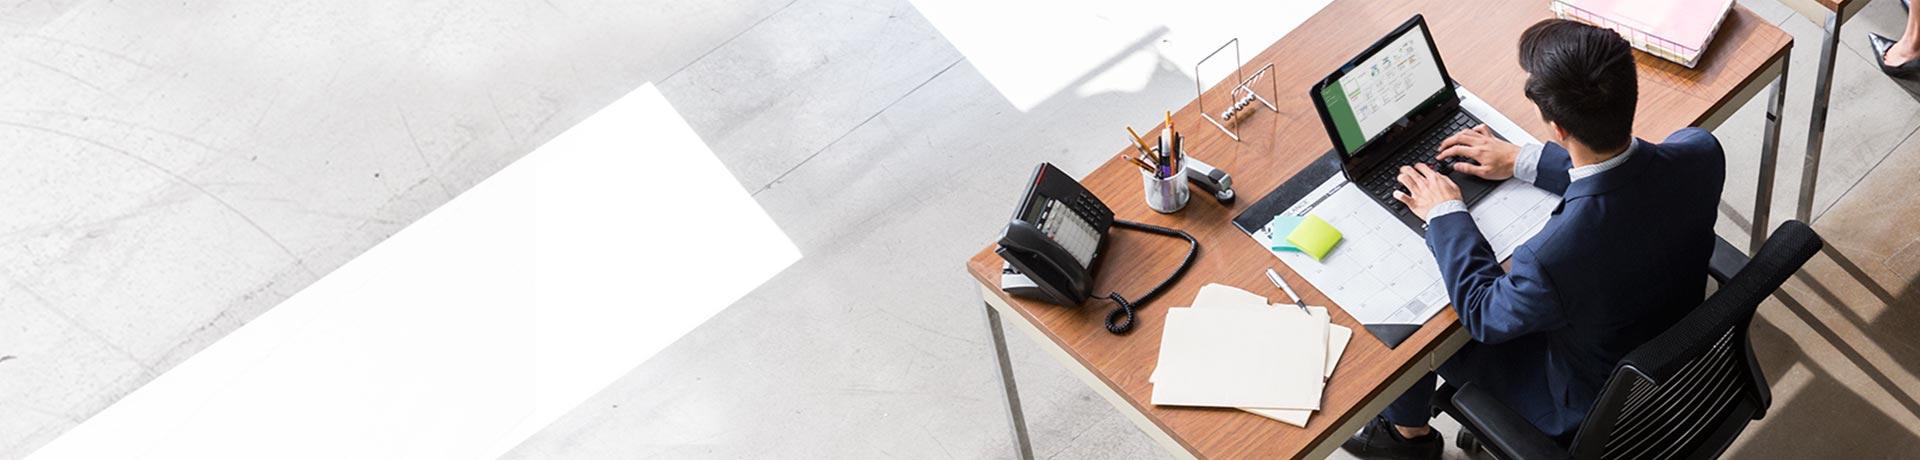 Un hombre sentado en un escritorio de una oficina mientras trabaja en un archivo de Microsoft Project en un portátil.